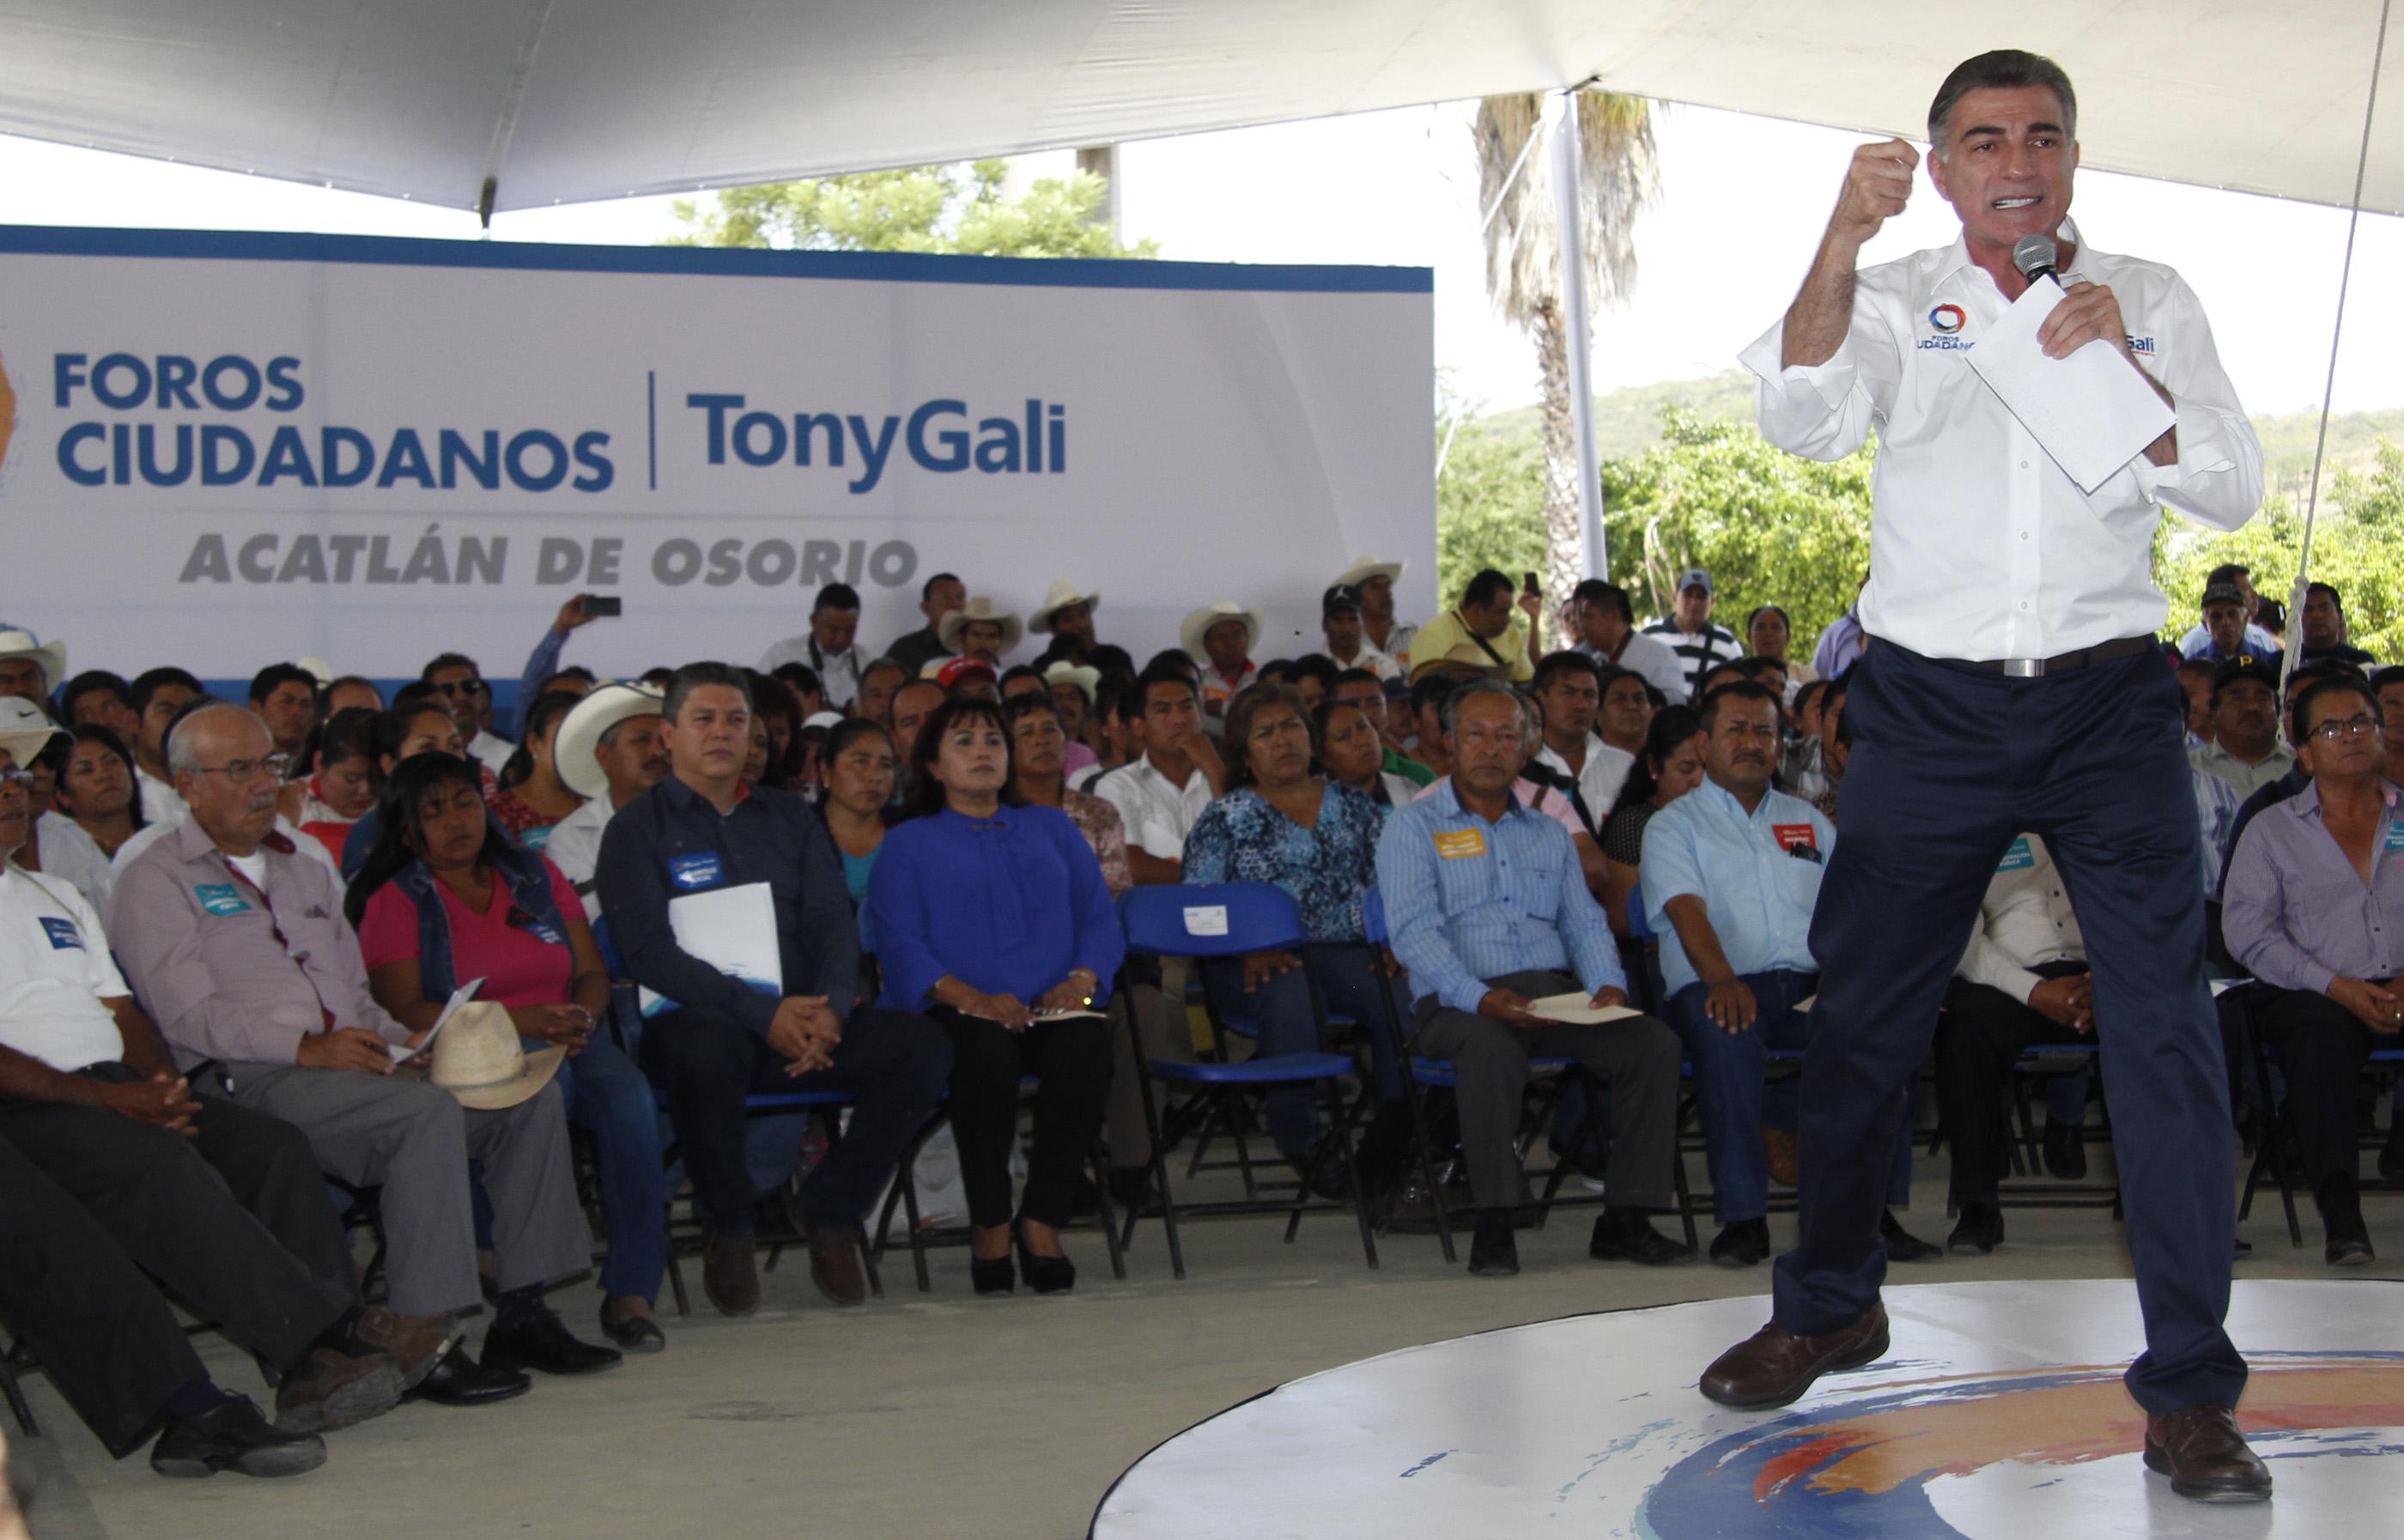 Cumplir compromisos de Gali exigirá cambios en leyes: Aguilar